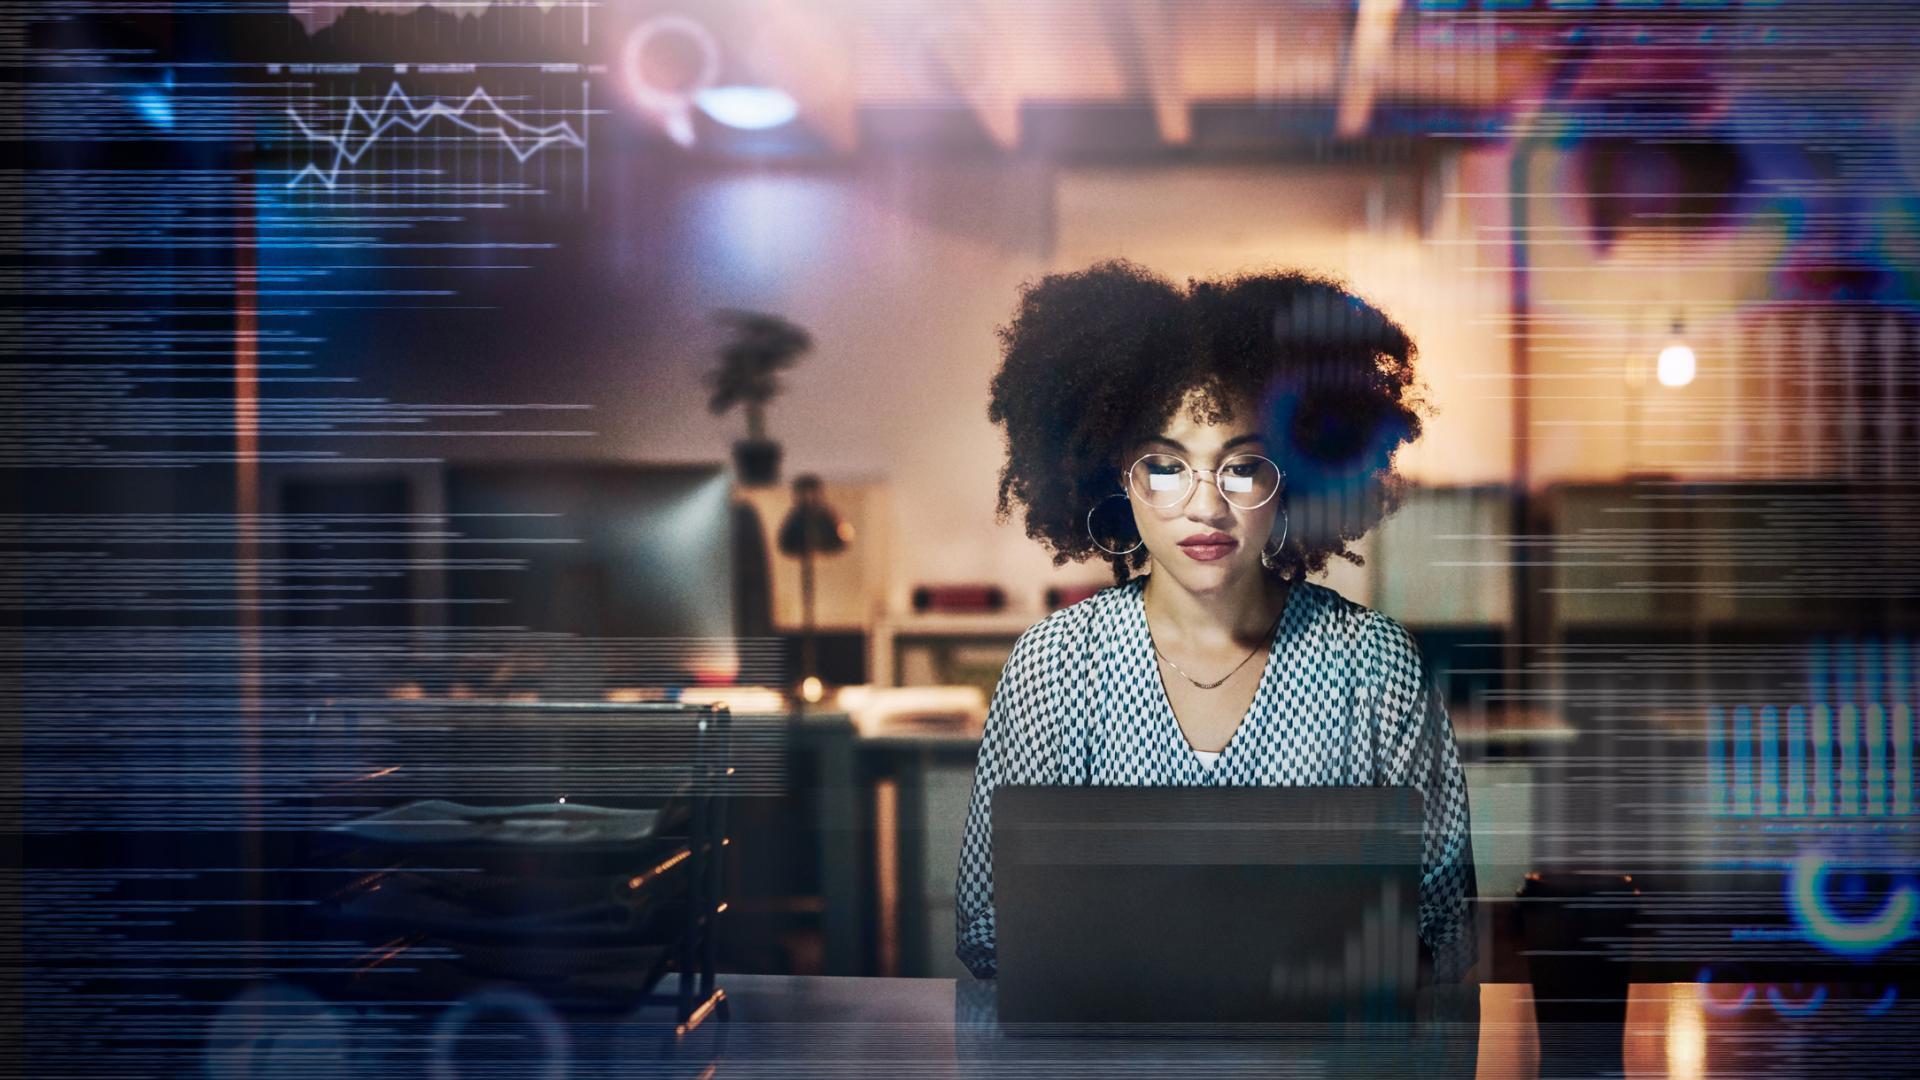 Frau an PC Tech-Branche Coding